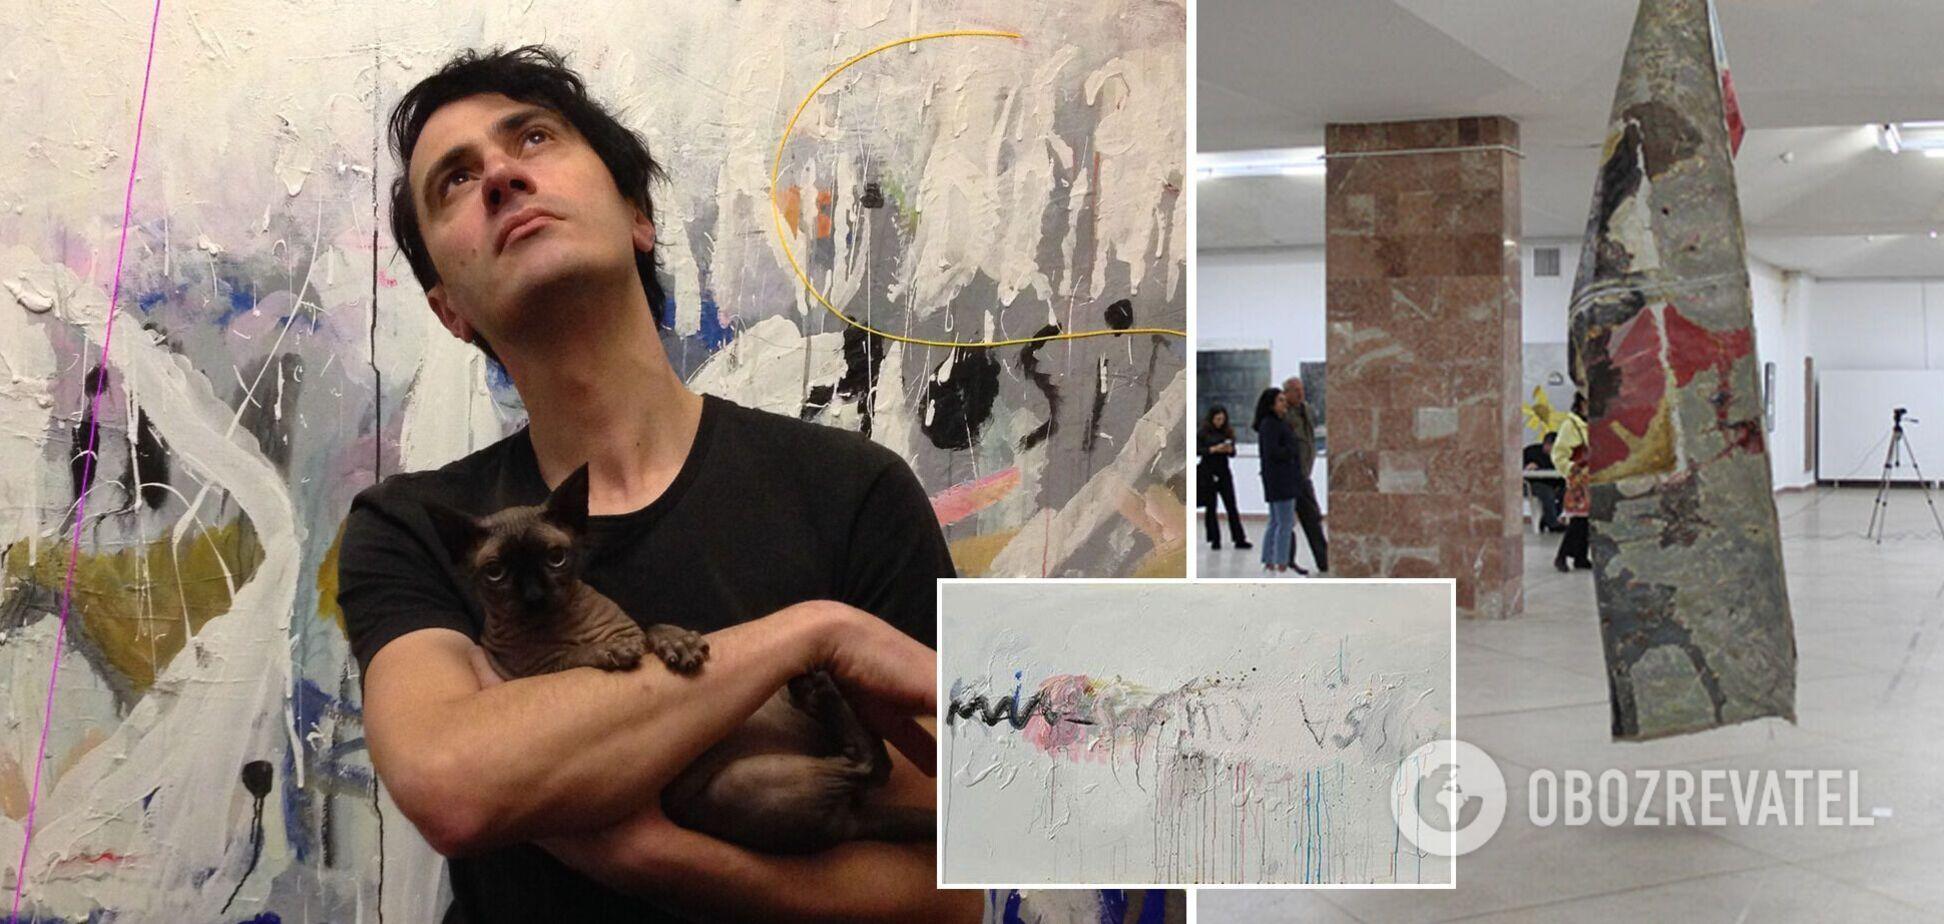 З виставки у Львові вилучили картини з написами 18+: автор звинуватив організаторів у цензурі. Фото